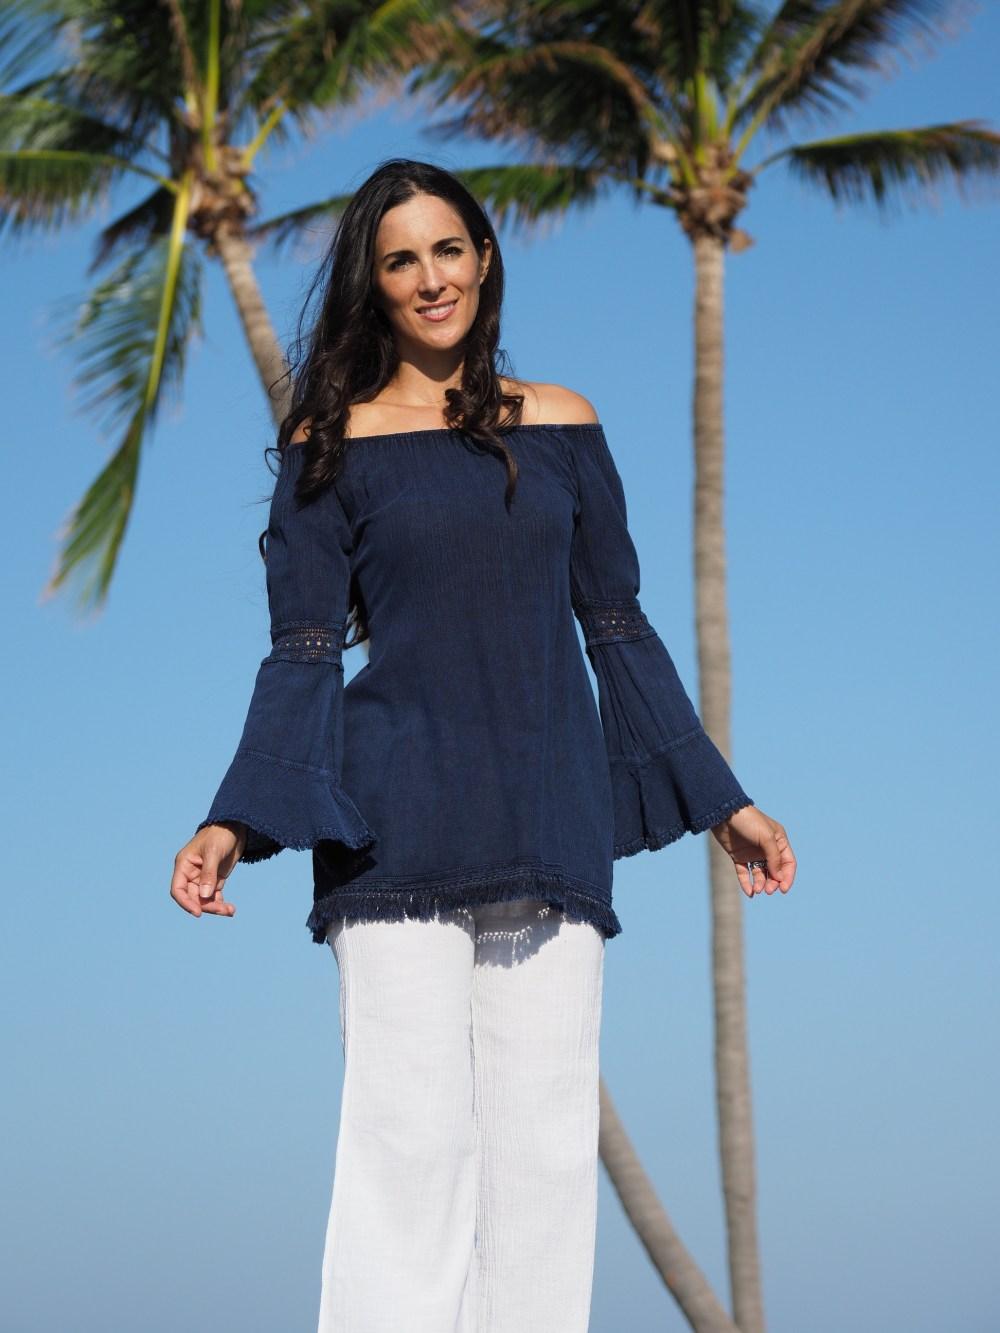 Bianca Midnight Blue Dress